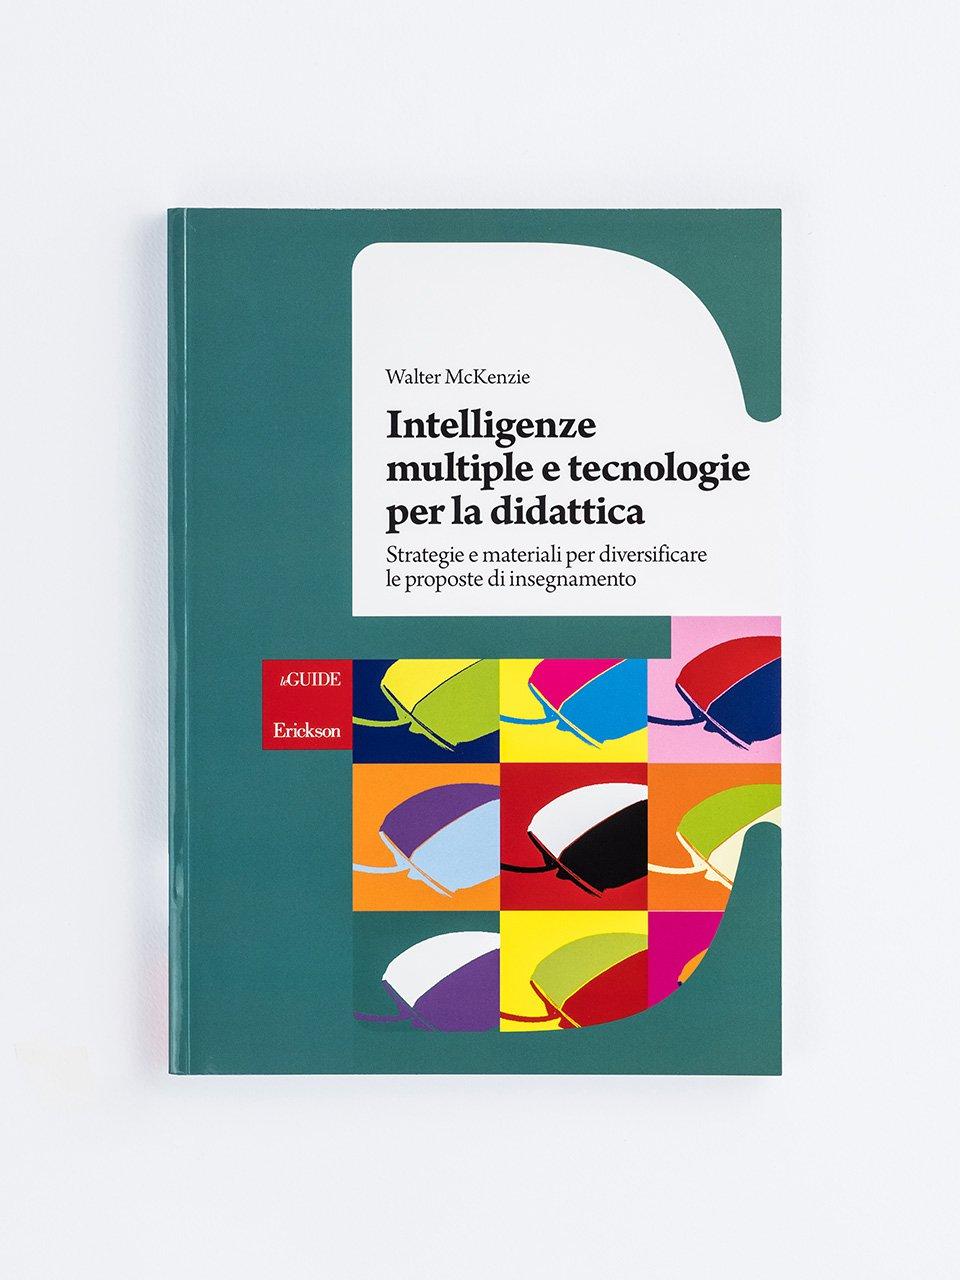 Intelligenze multiple e tecnologie per la didattica - Formarsi e innovarsi - Erickson